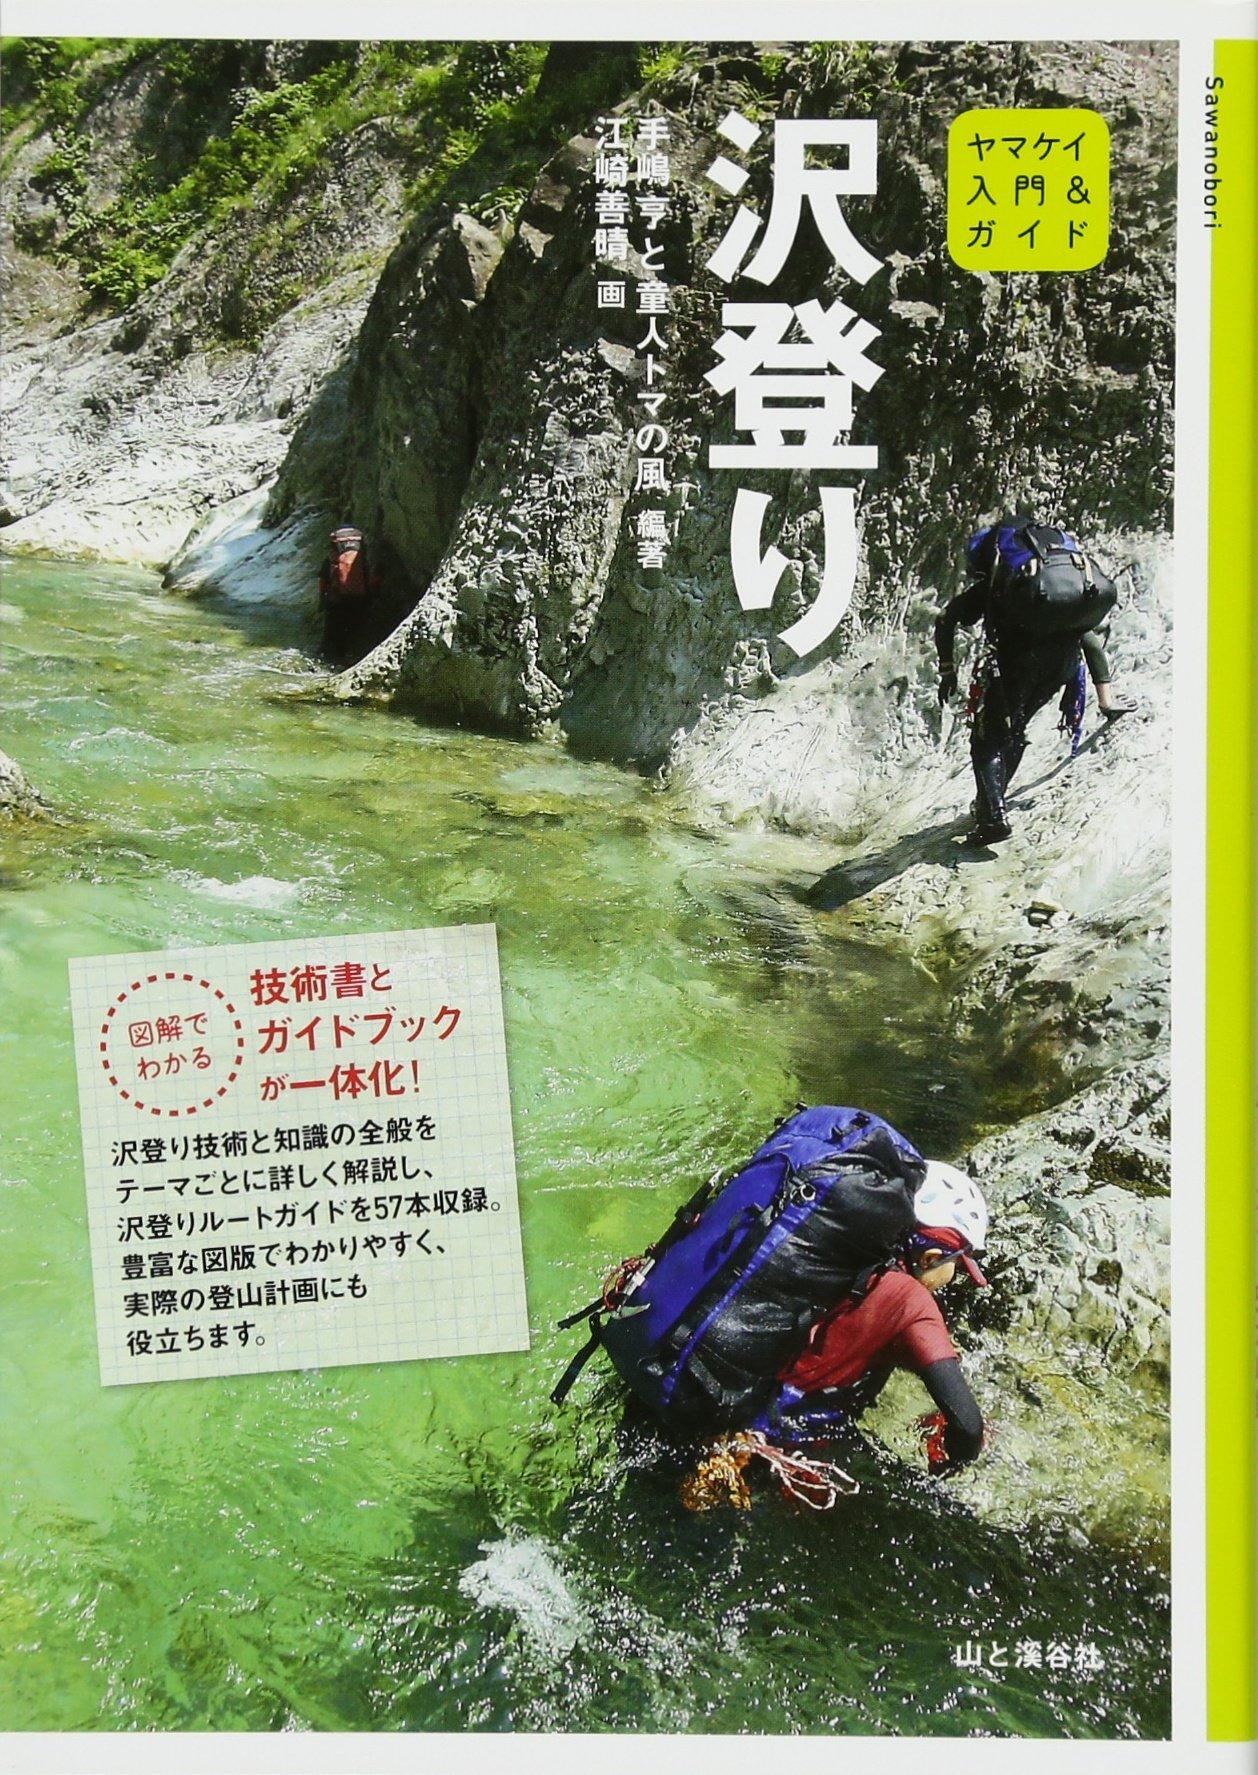 沢登り 入門&ガイド(山と渓谷社)